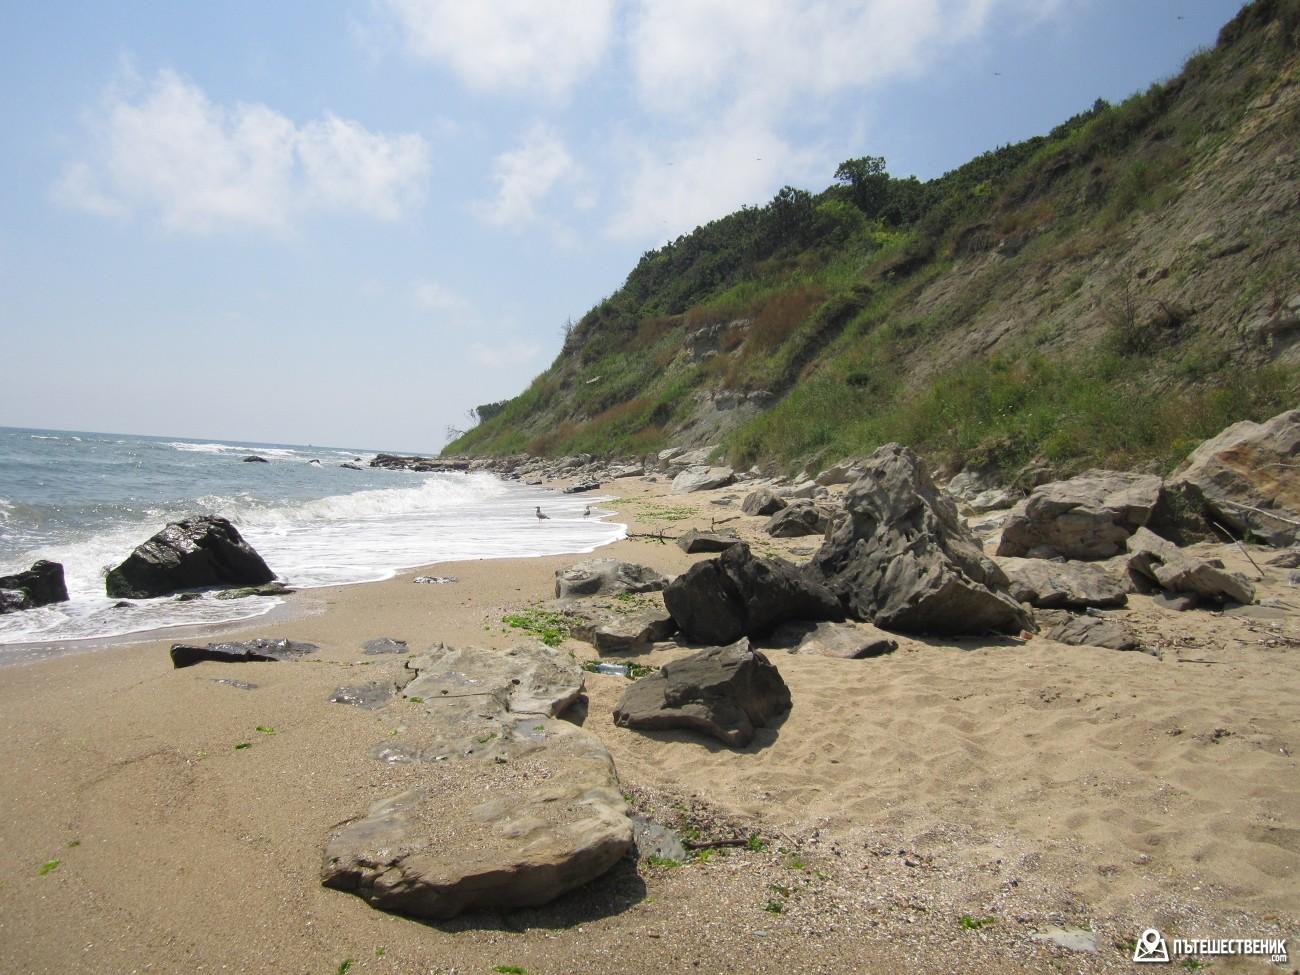 Краят на плажната ивица, осеян с камъни, хиляди миди и рапани.